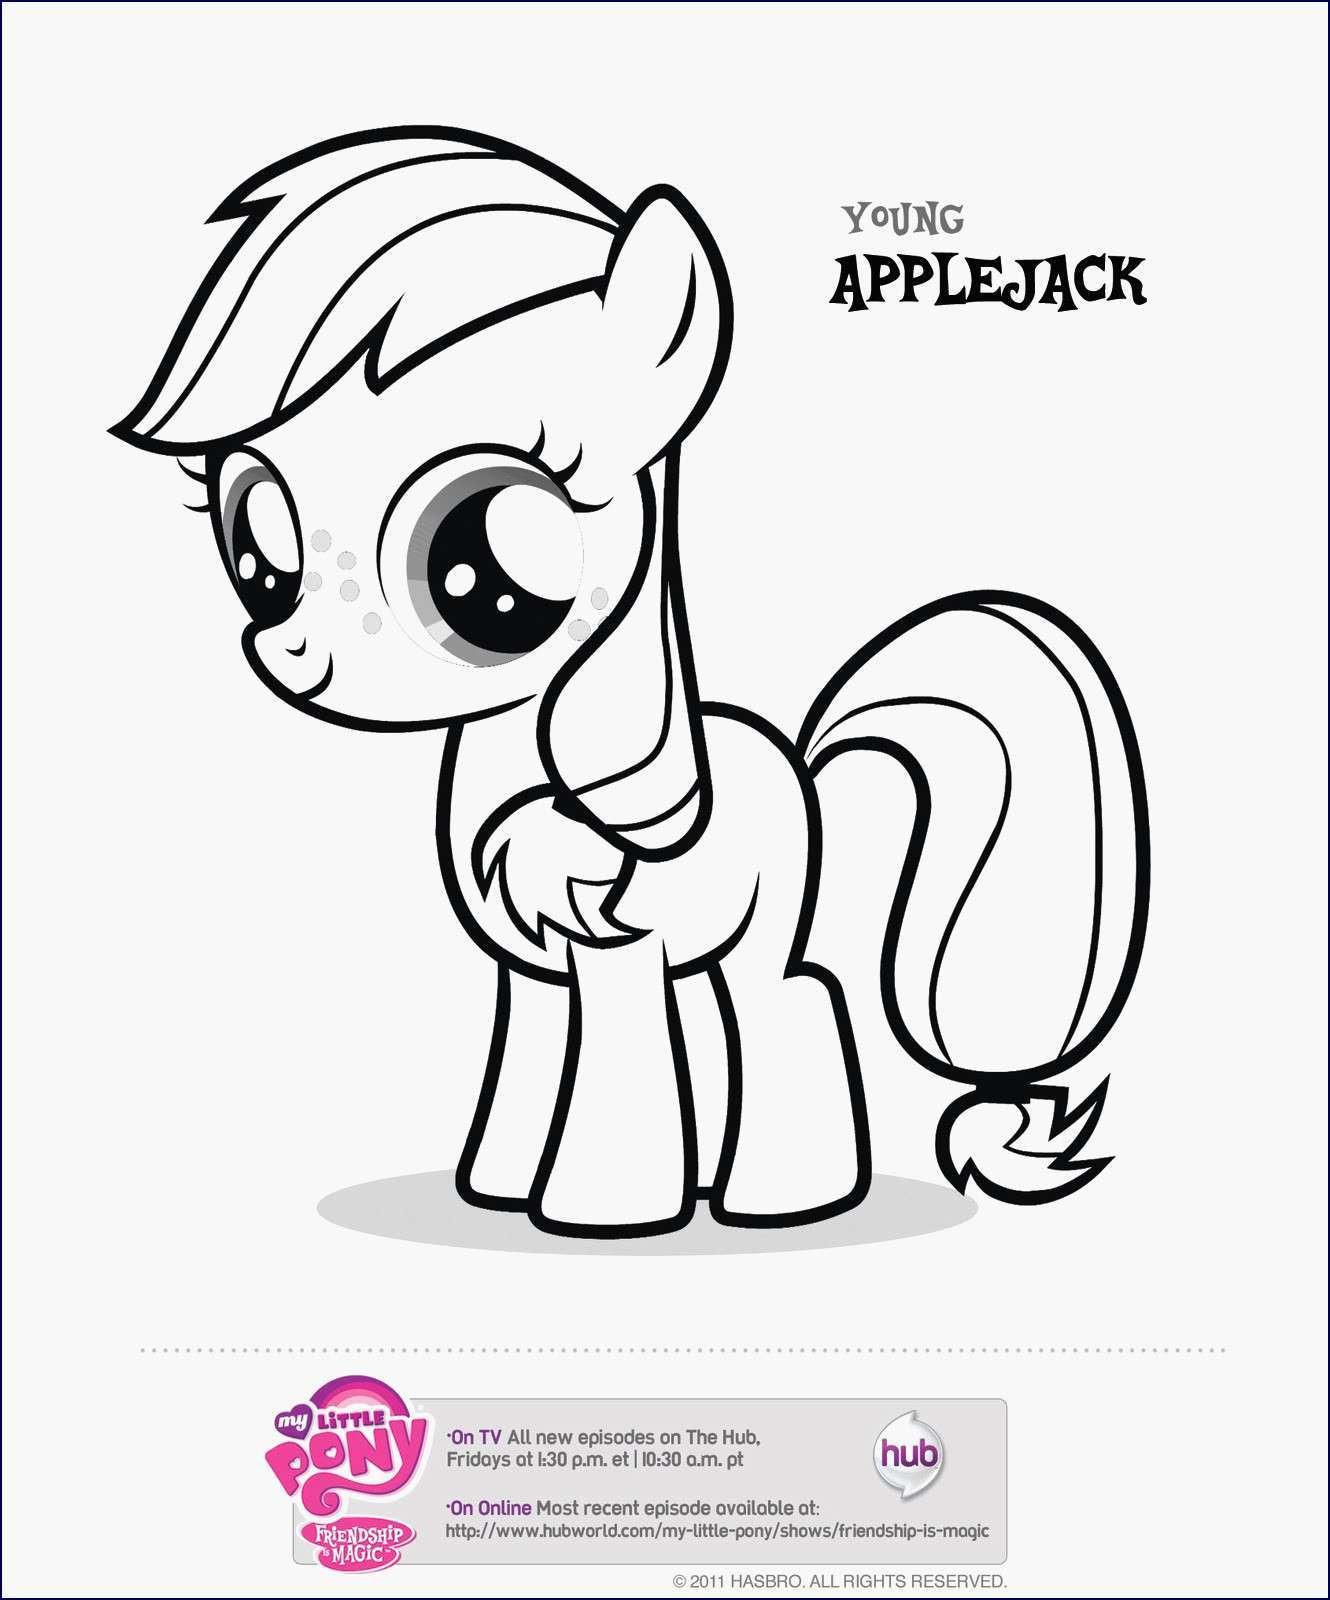 My Little Pony Rainbow Dash Ausmalbilder Inspirierend 36 Equestria Girls Fluttershy Coloring Pages Free Neu Ausmalbilder Fotos